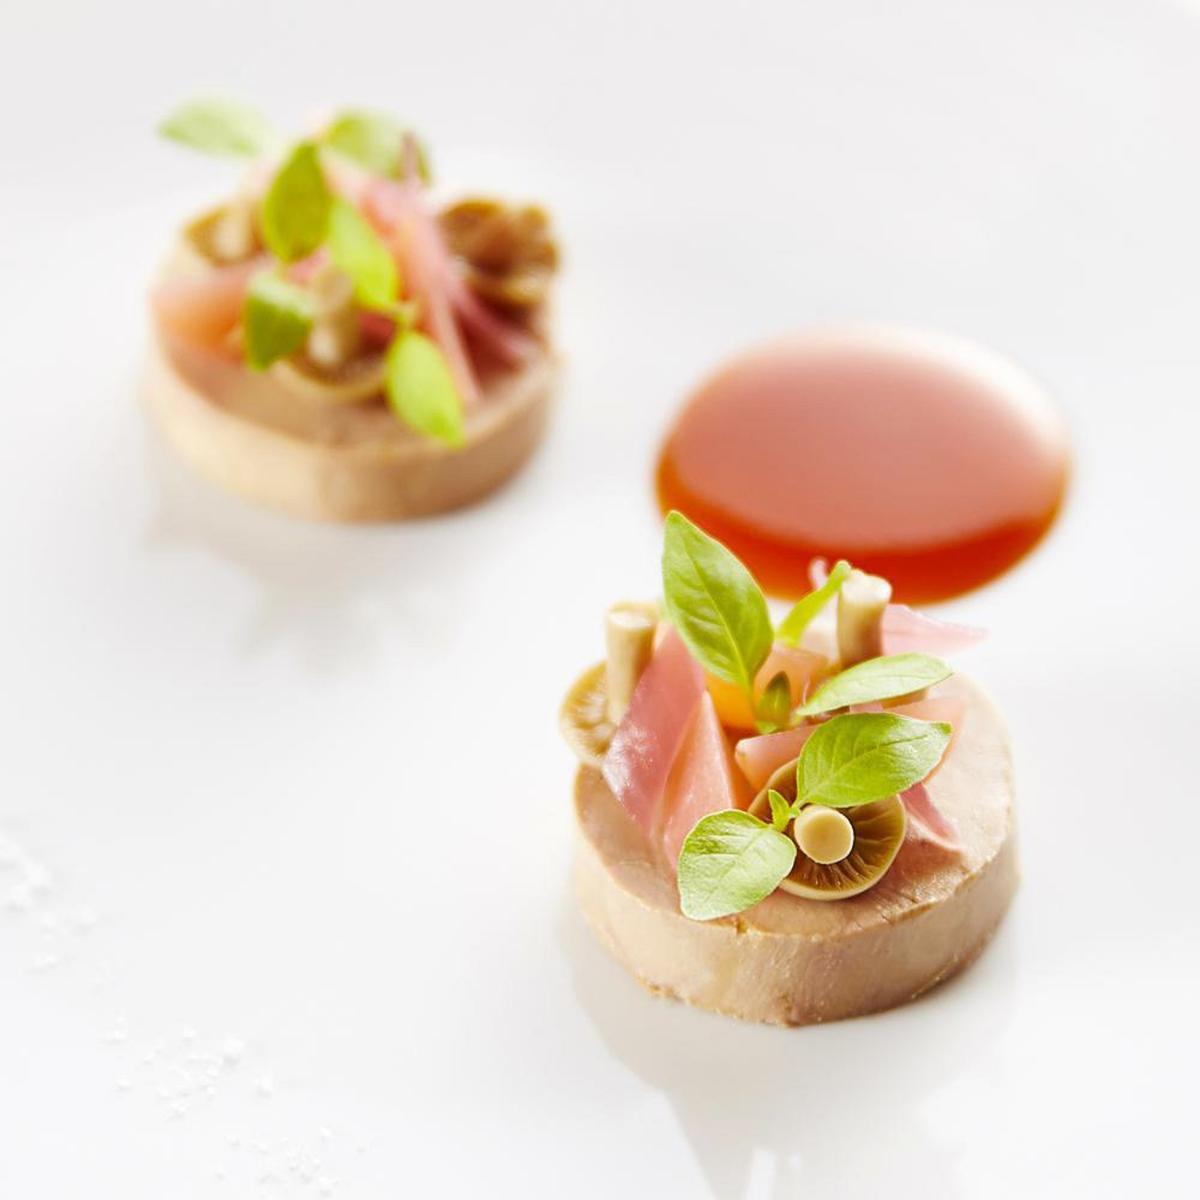 Recette foie gras d 39 oie cuit en terrine cuisine madame figaro - Recette foie gras en terrine ...